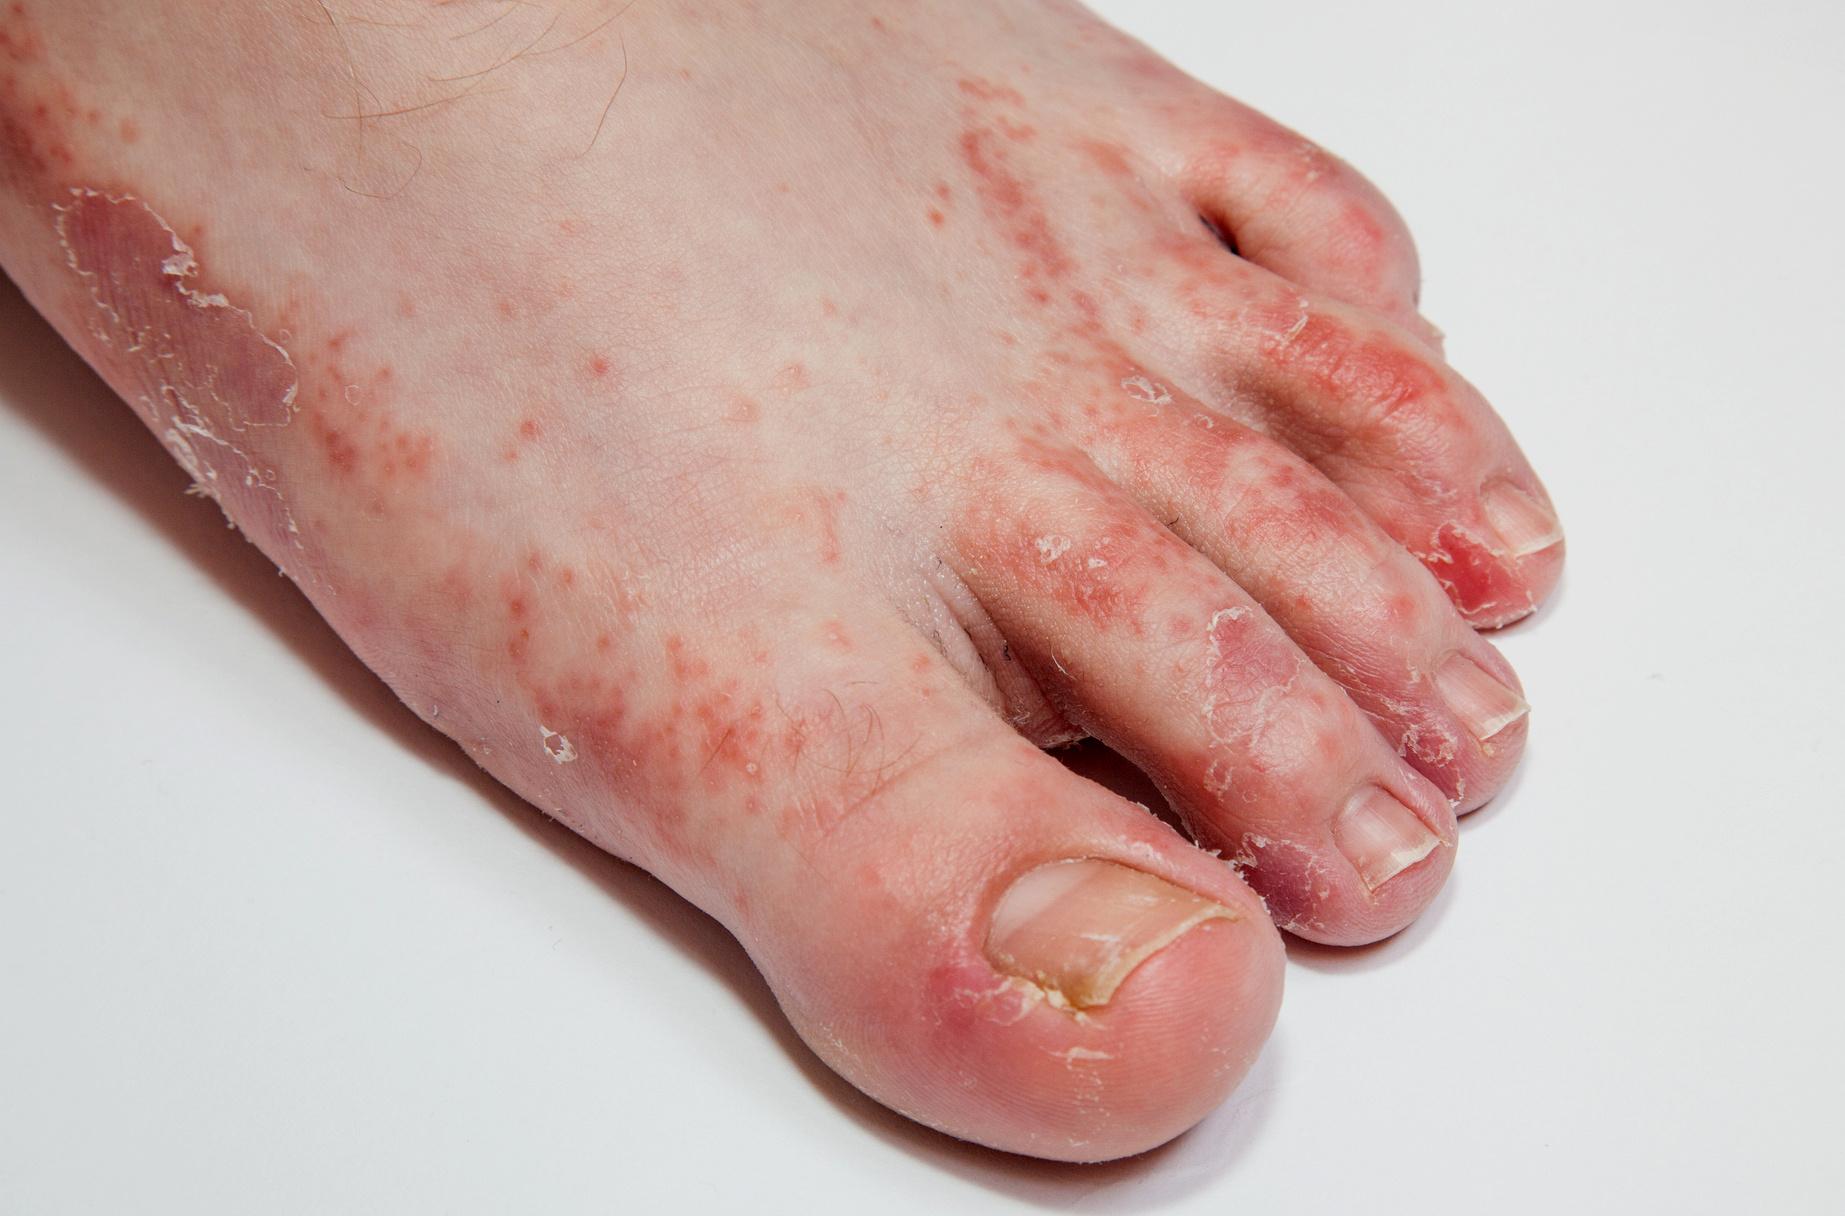 pattanások a lábujjak kezelése között az enterobiosis következményei